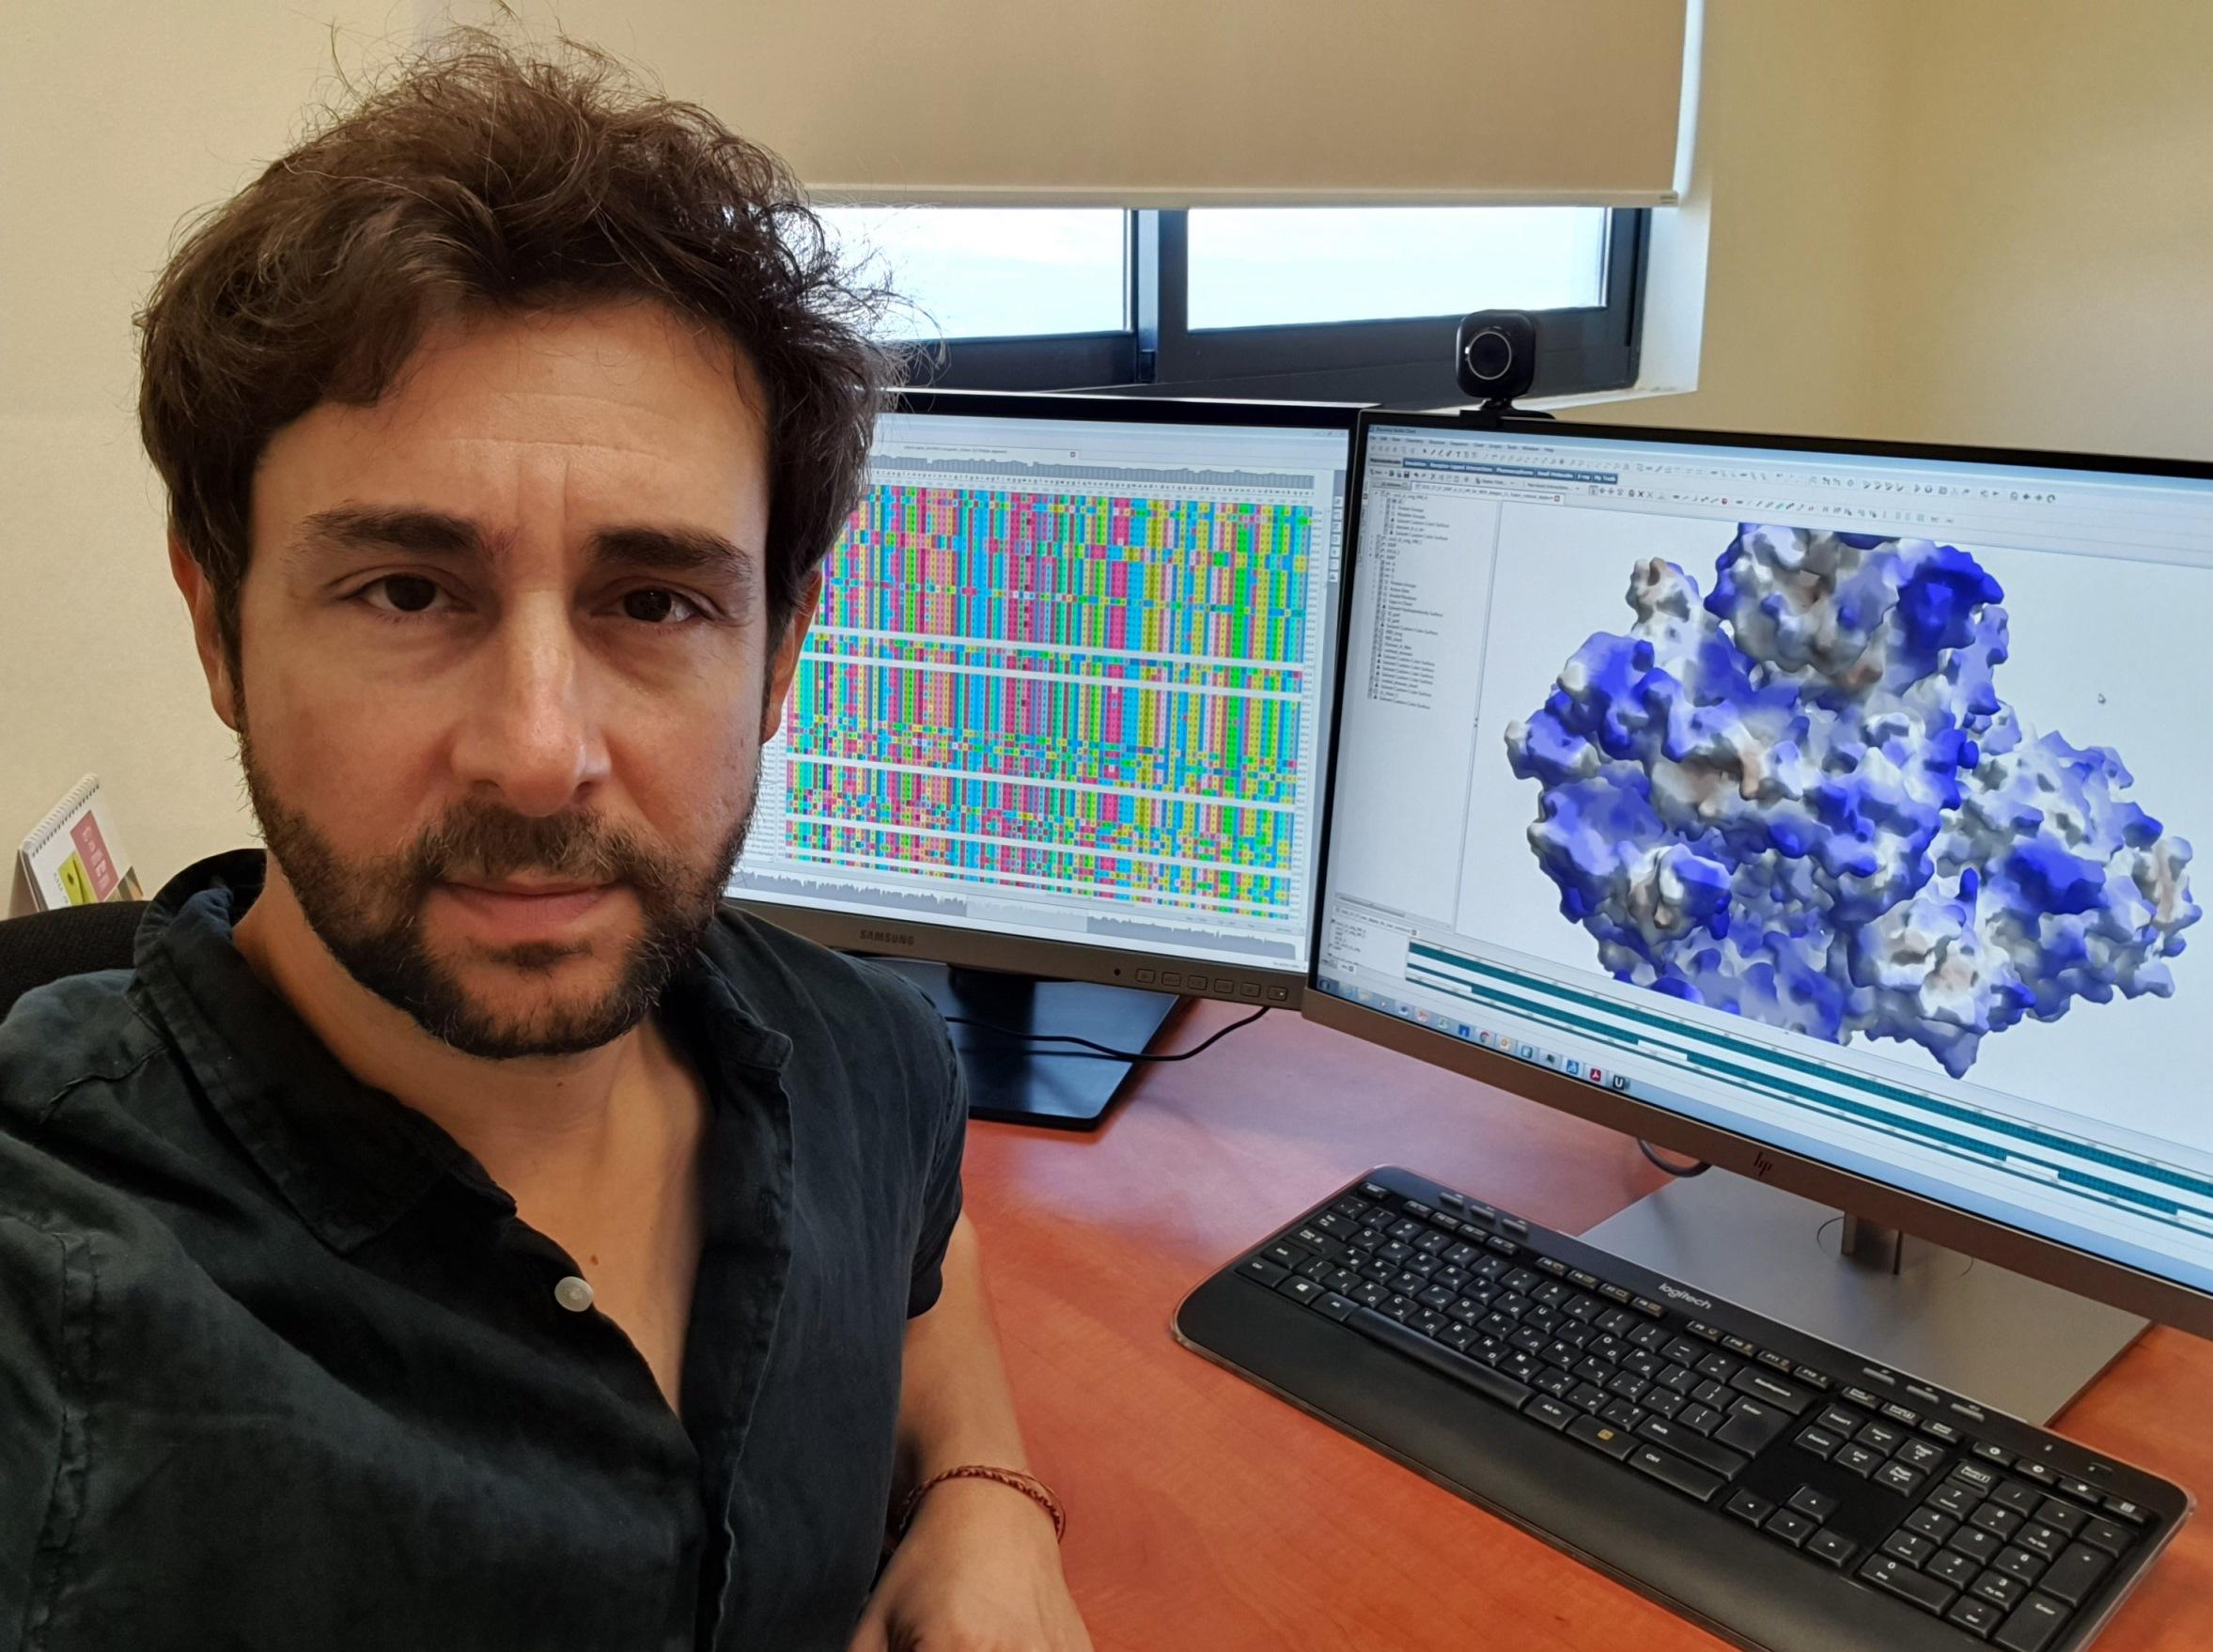 חוקרי מיגל משתמשים בענן של Orcale כחלק מהמאבק בנגיף הקורונה